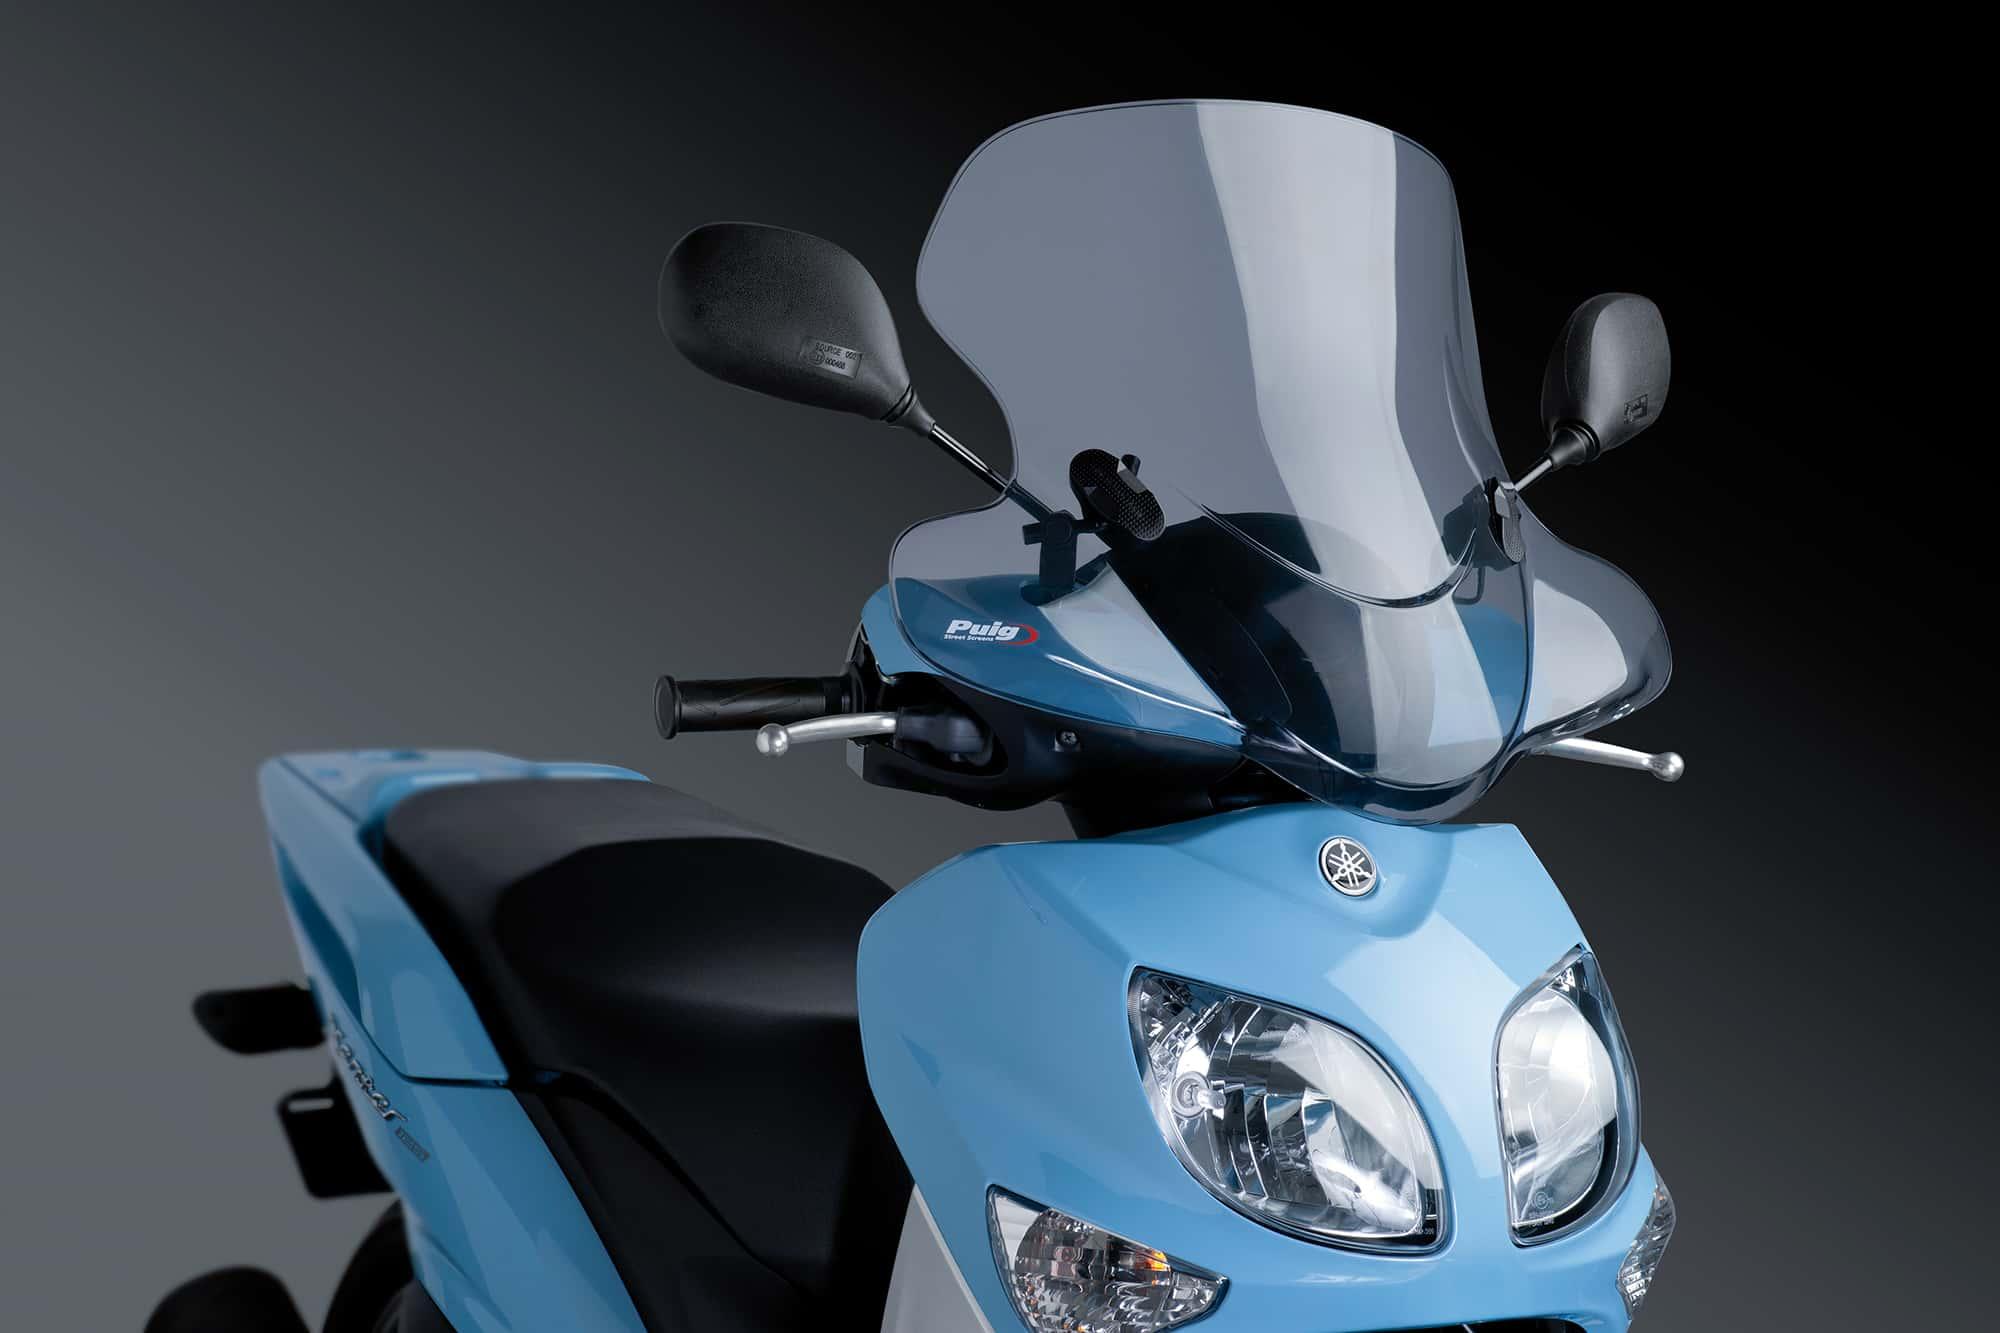 Cúpula Puig City Touring ahumado 0200 para moto DERBI GP1 / PREDATOR